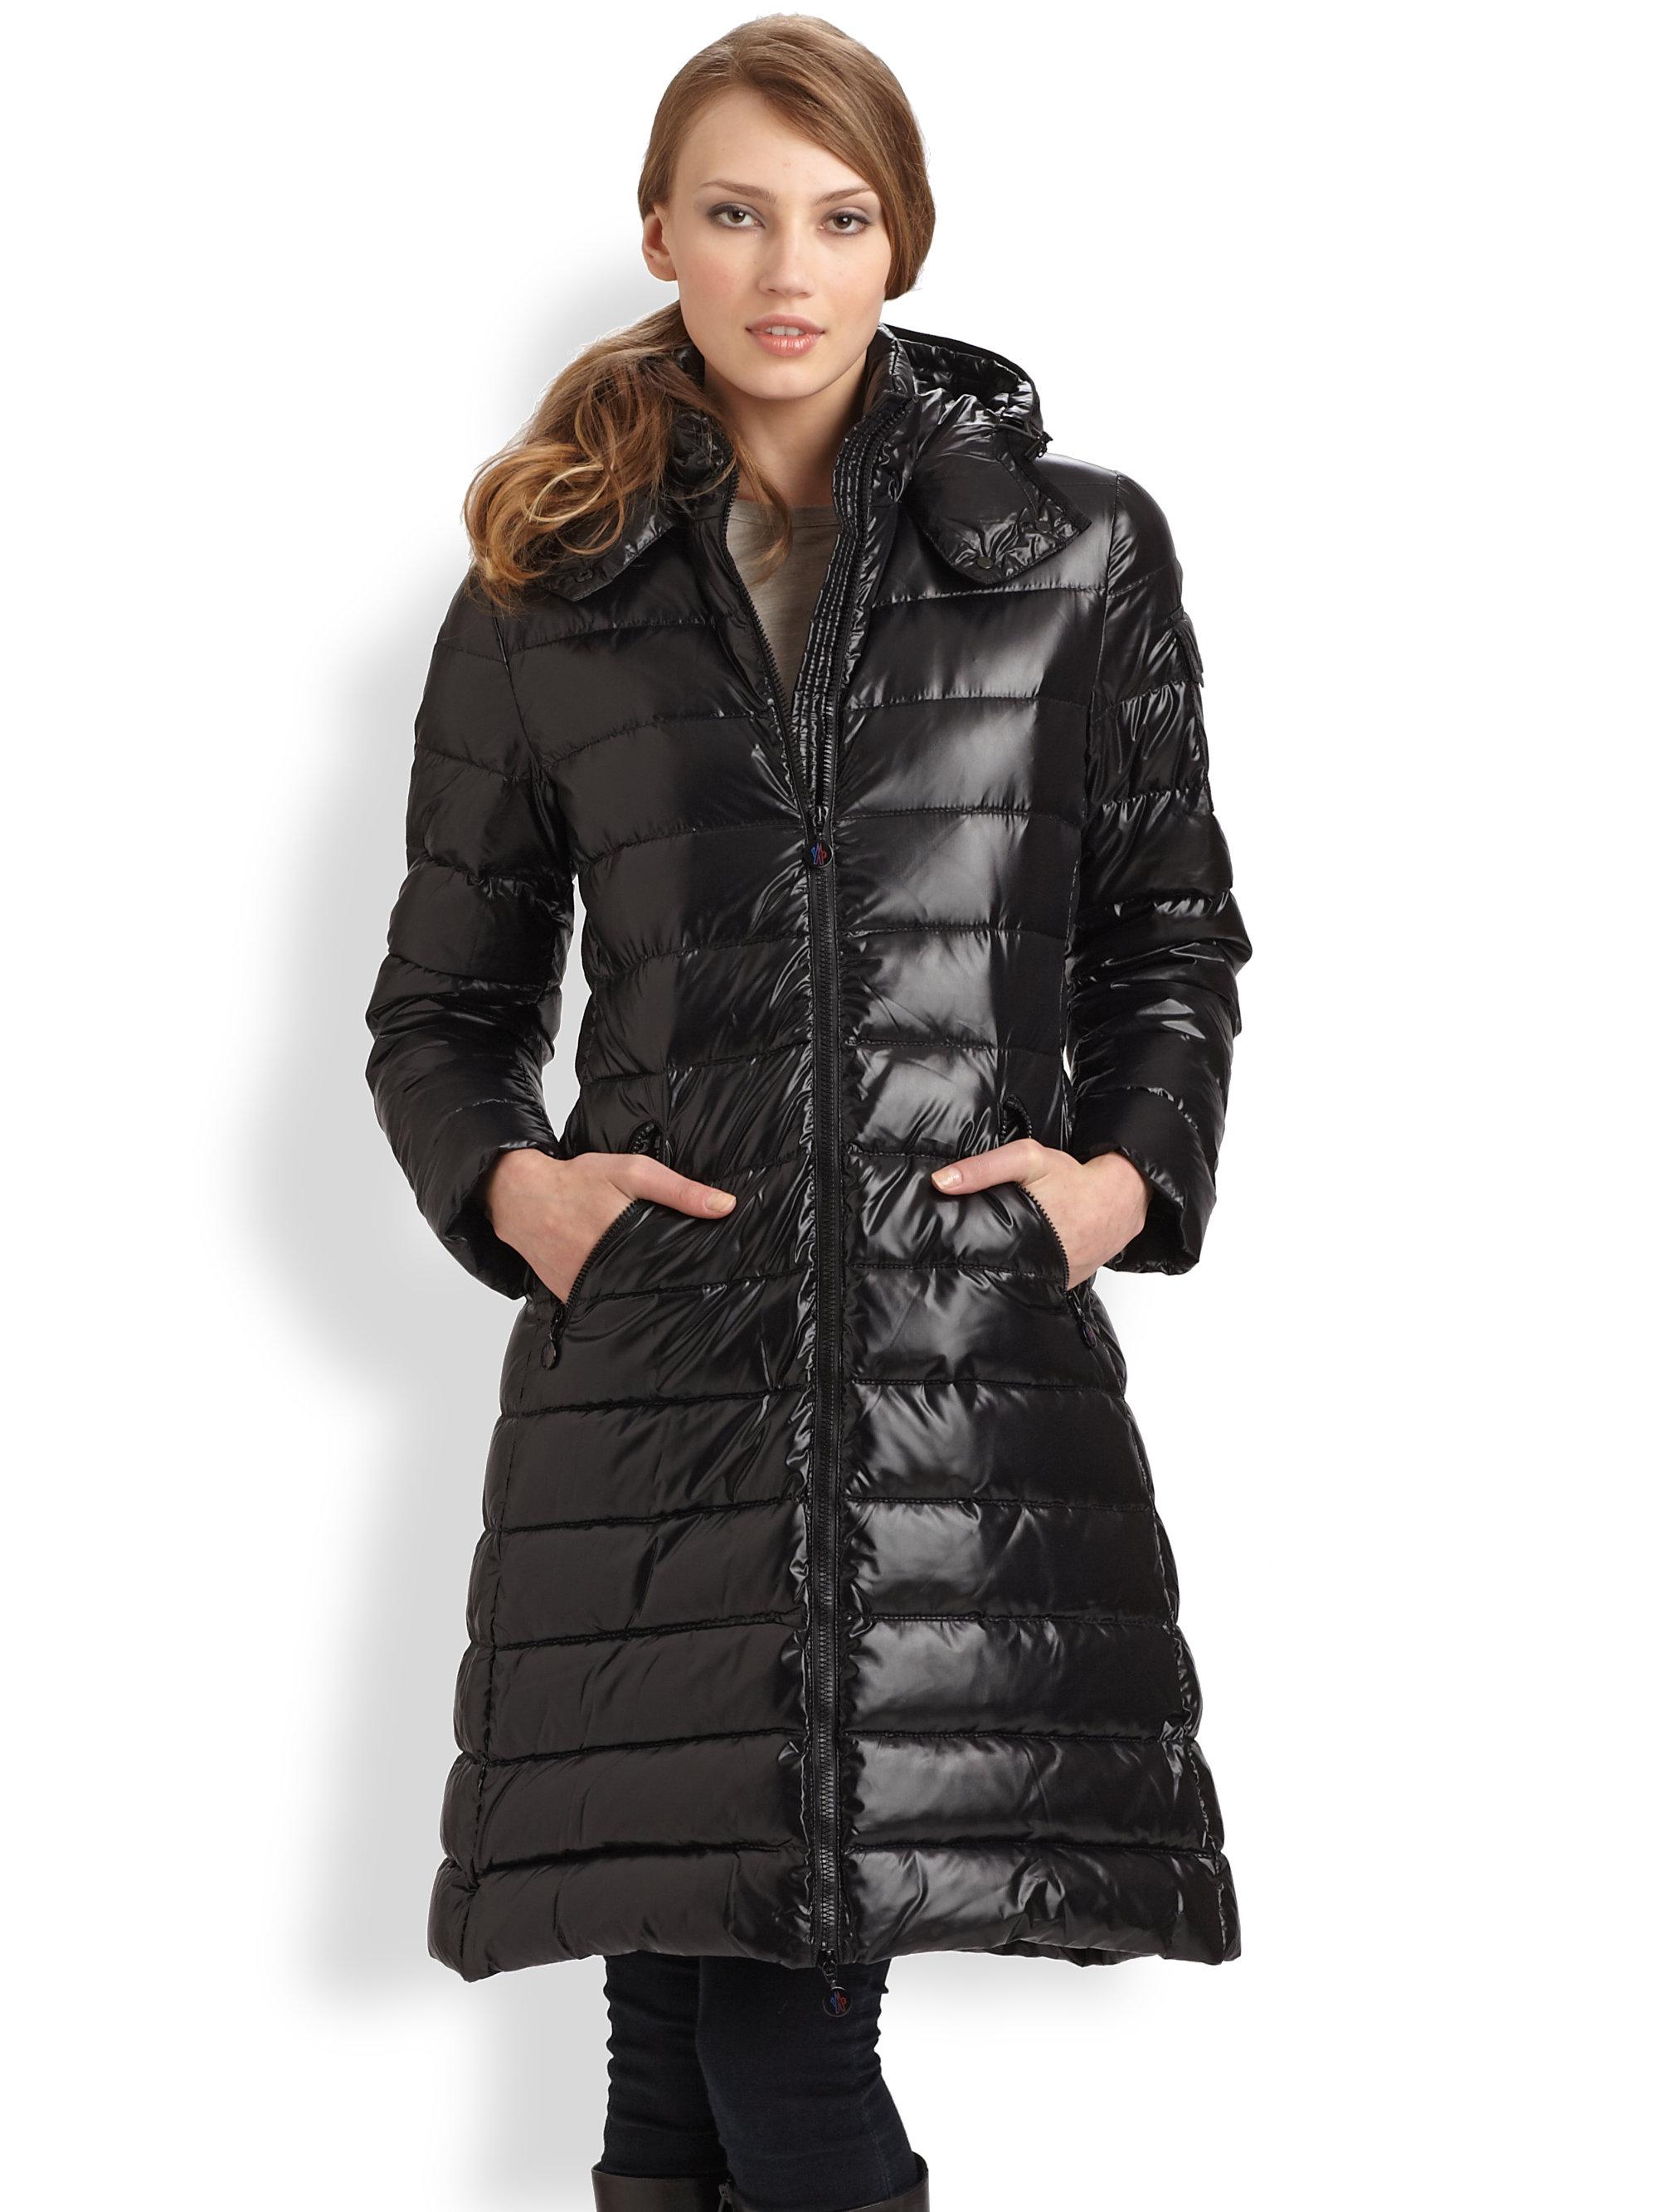 dc2ee3e56 Moncler Black Moka Puffer Jacket